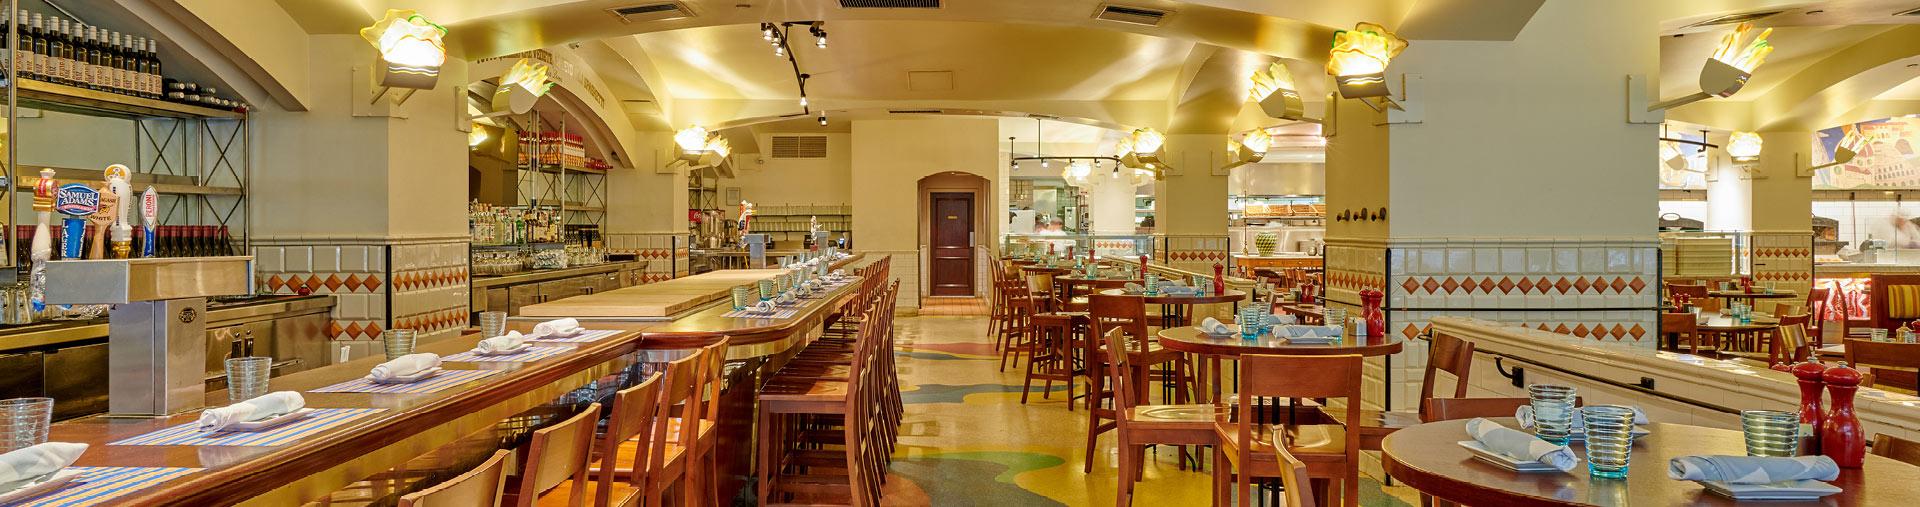 Bar at Naples 45 Ristorante e Pizzeria